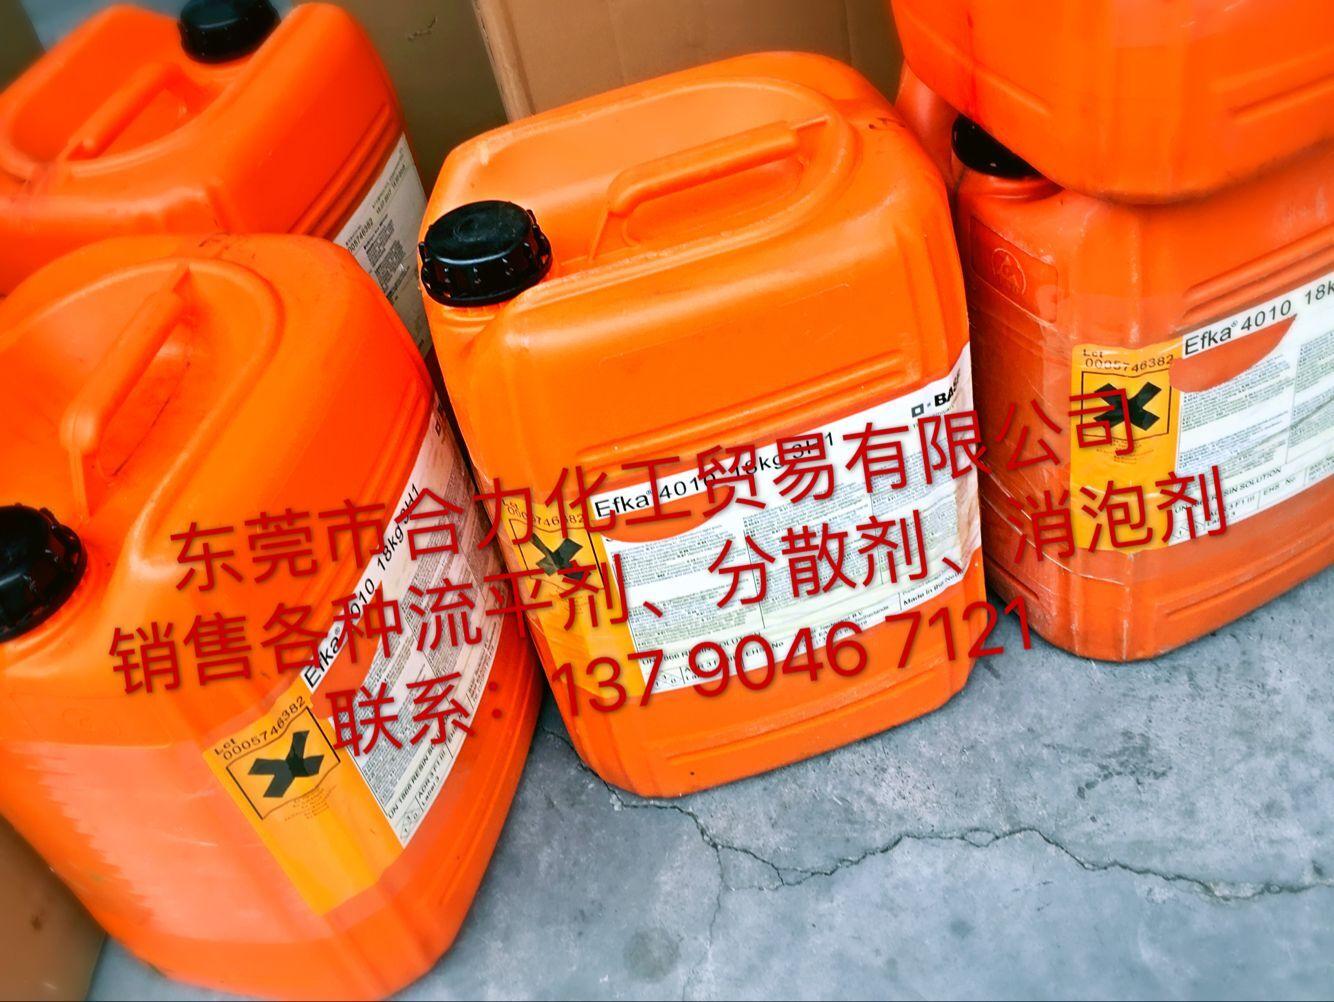 埃夫卡EFKA-4060滁州、4080分散剂优惠